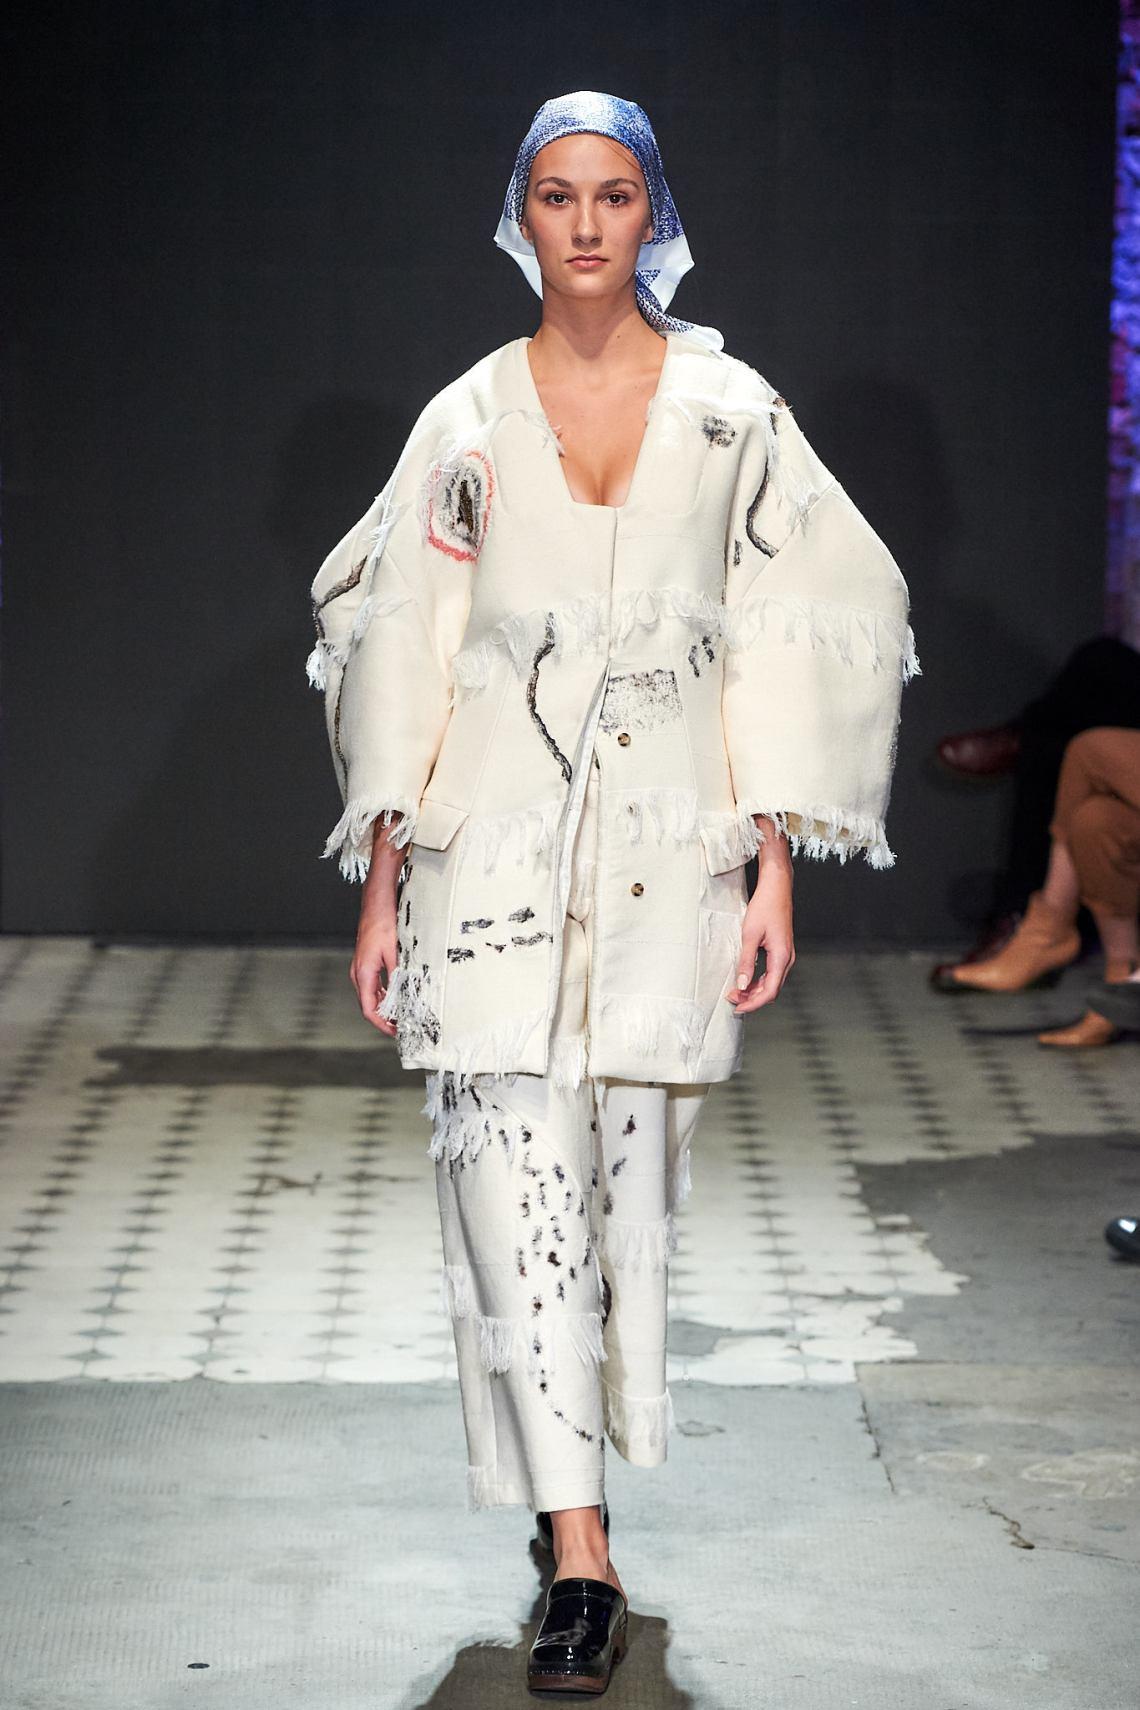 9_KTW_DAY2_121019_CZAK_lowres-fotFilipOkopny-FashionImages